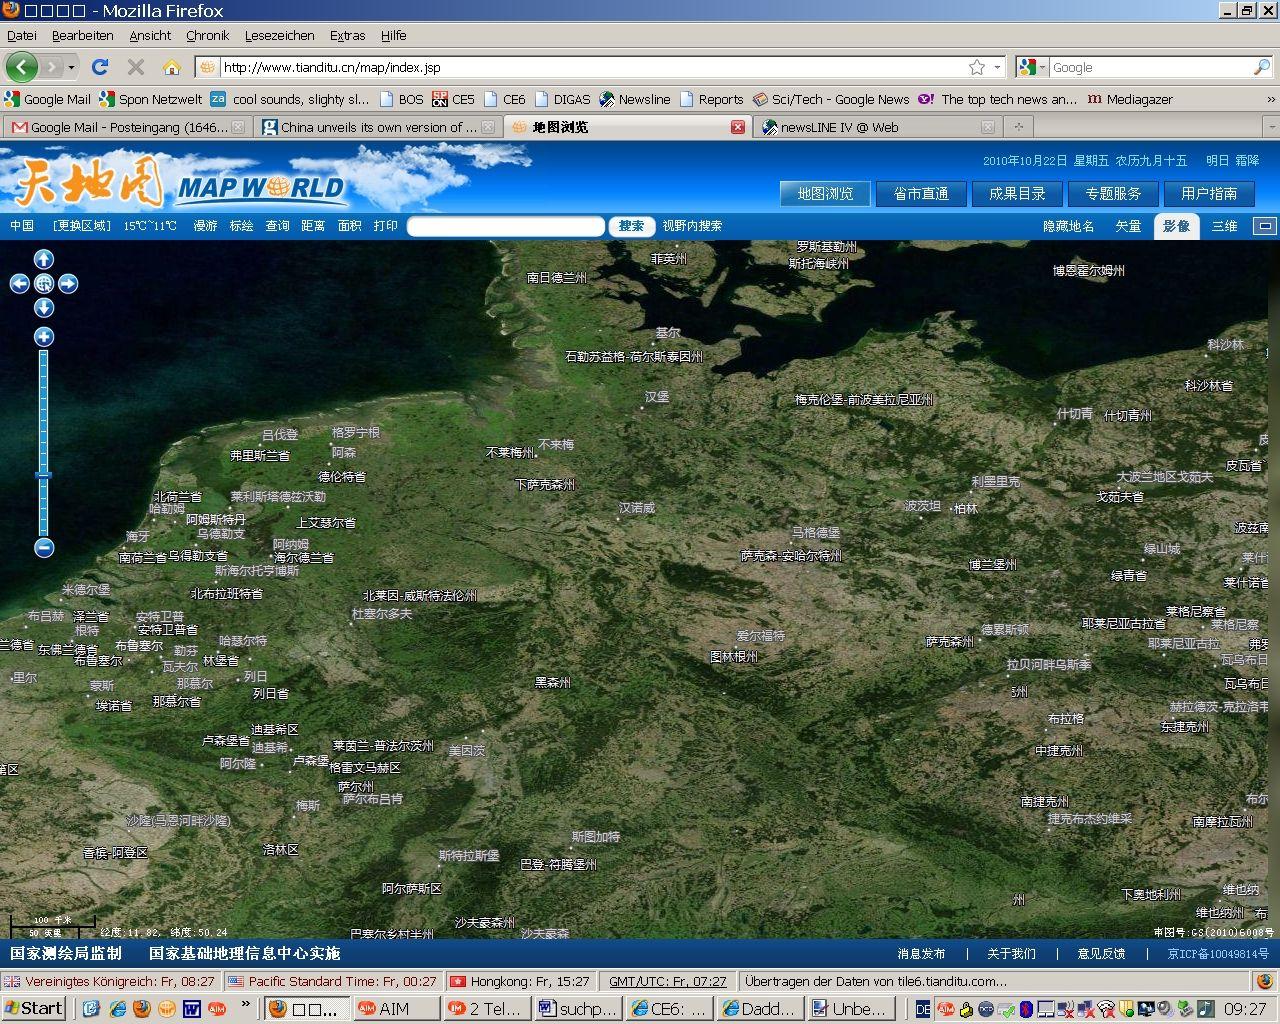 Chinas Map World: Google-Earth-Ersatz mit Tunnelblick - DER ...